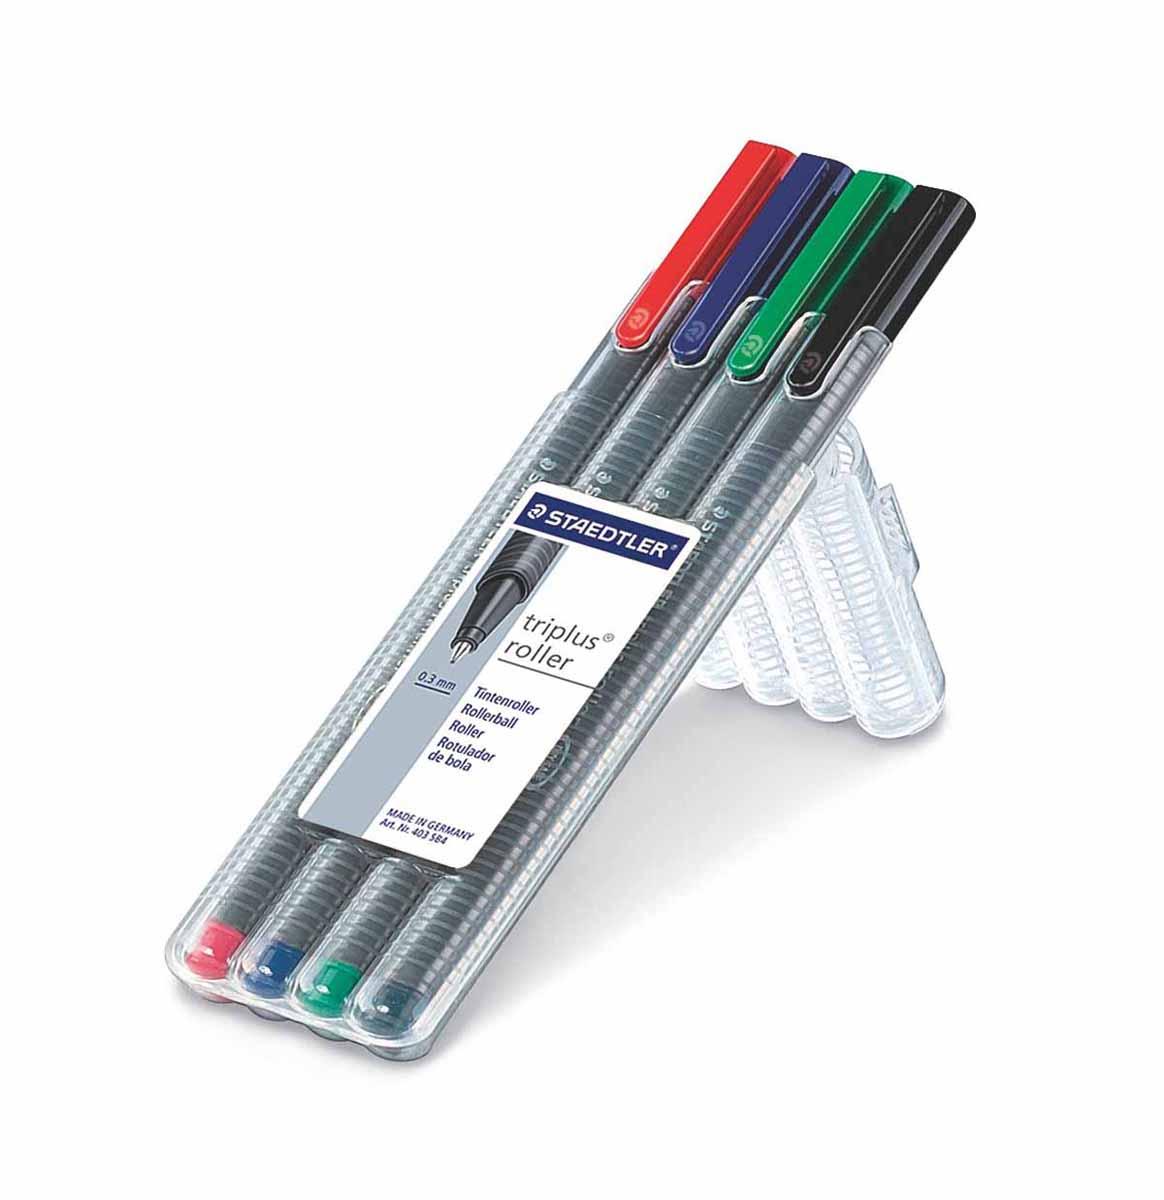 Staedtler Набор ручек-роллеров Triplus 4 цвета403SB4Набор ручек роллеров Staedtler Triplus подходит как для письма, так и для выполнения части графических работ. Особая конструкция пишущего узла обеспечивает сверхмягкое письмо. Ручки защищены от высыхания, могут находитьсСодержит 4 цвета в ассортименте. Толщина лбез колпачка несколько дней. Толщина линии 0,4мм.